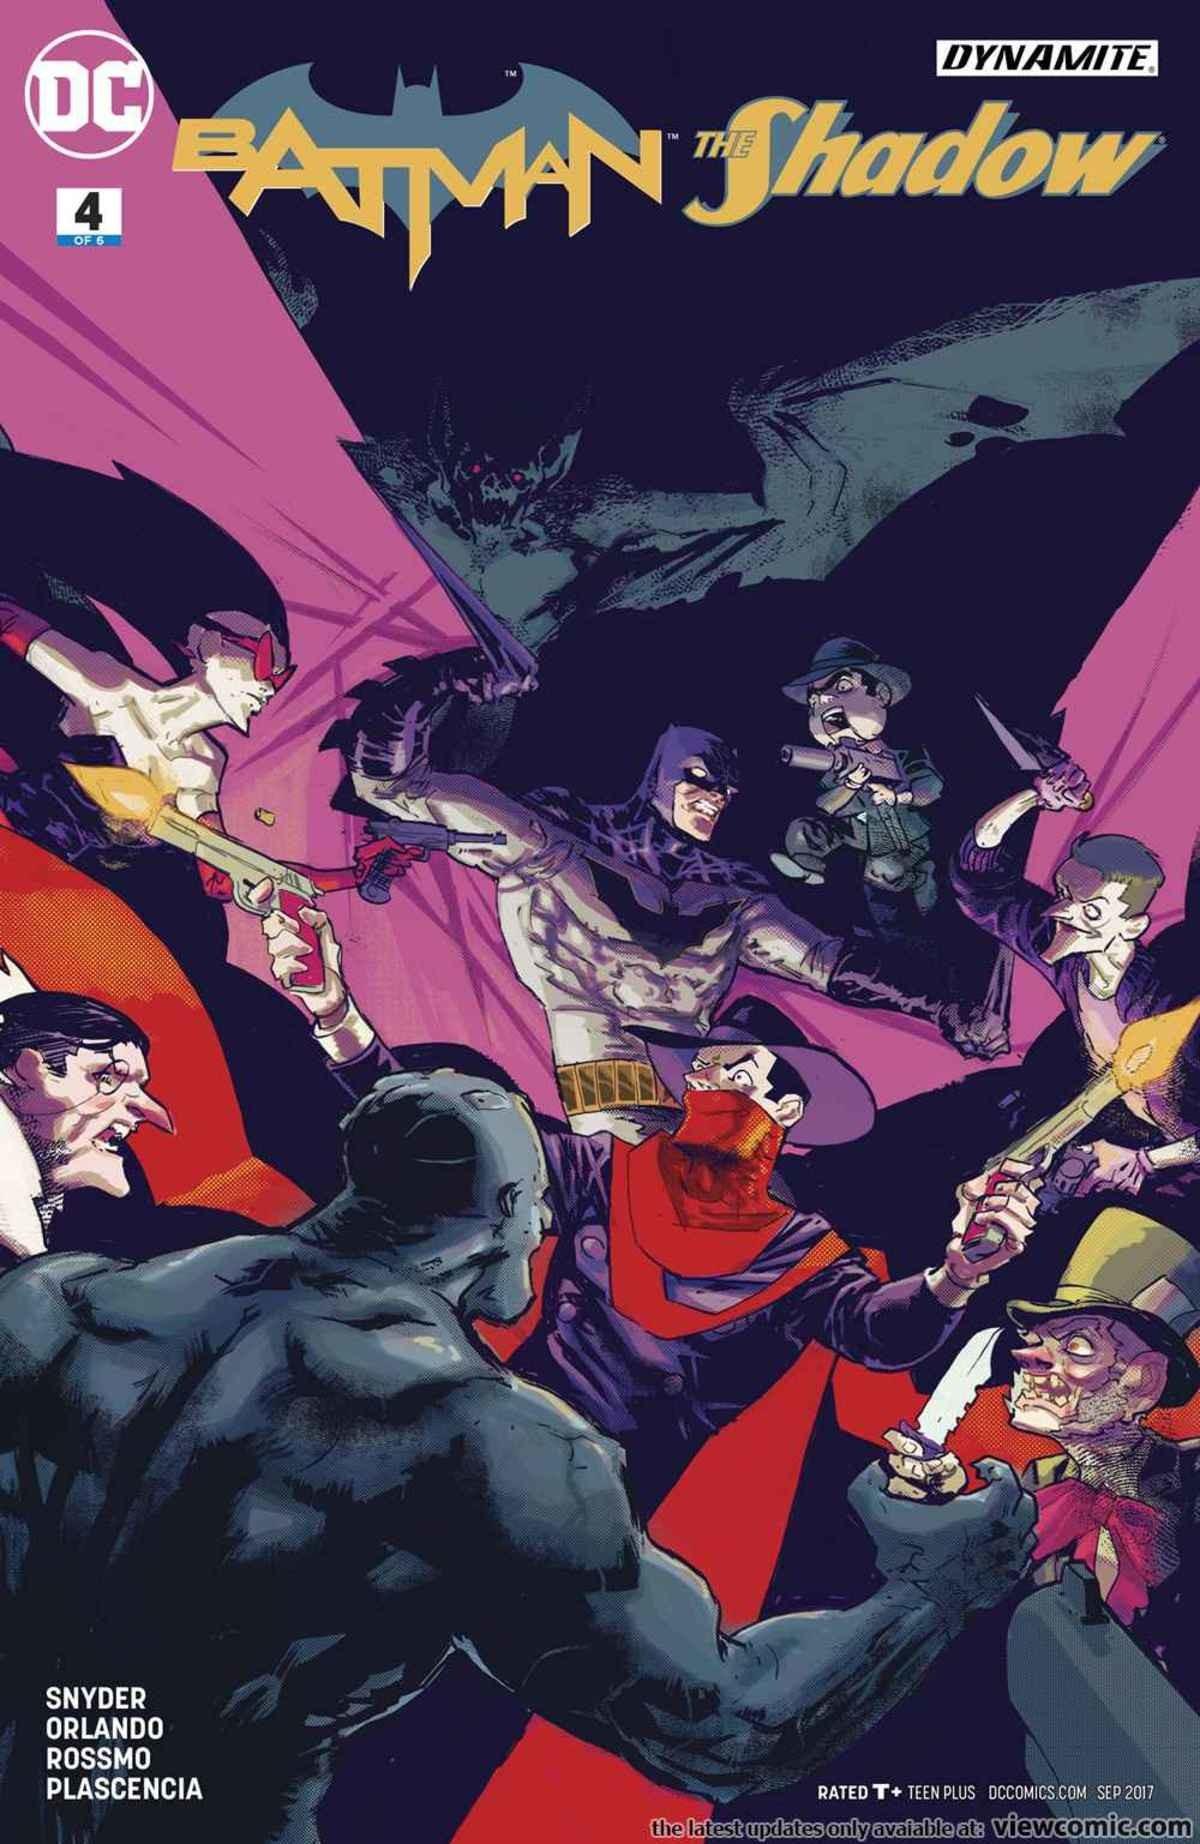 Batman Shadow 04 (of 06). . W DYNAMITE. Irh 'Shadow SNYDER DRPANDA RUSSAI. nickwild Batman Shadow 04 (of 06) W DYNAMITE Irh 'Shadow SNYDER DRPANDA RUSSAI nickwild